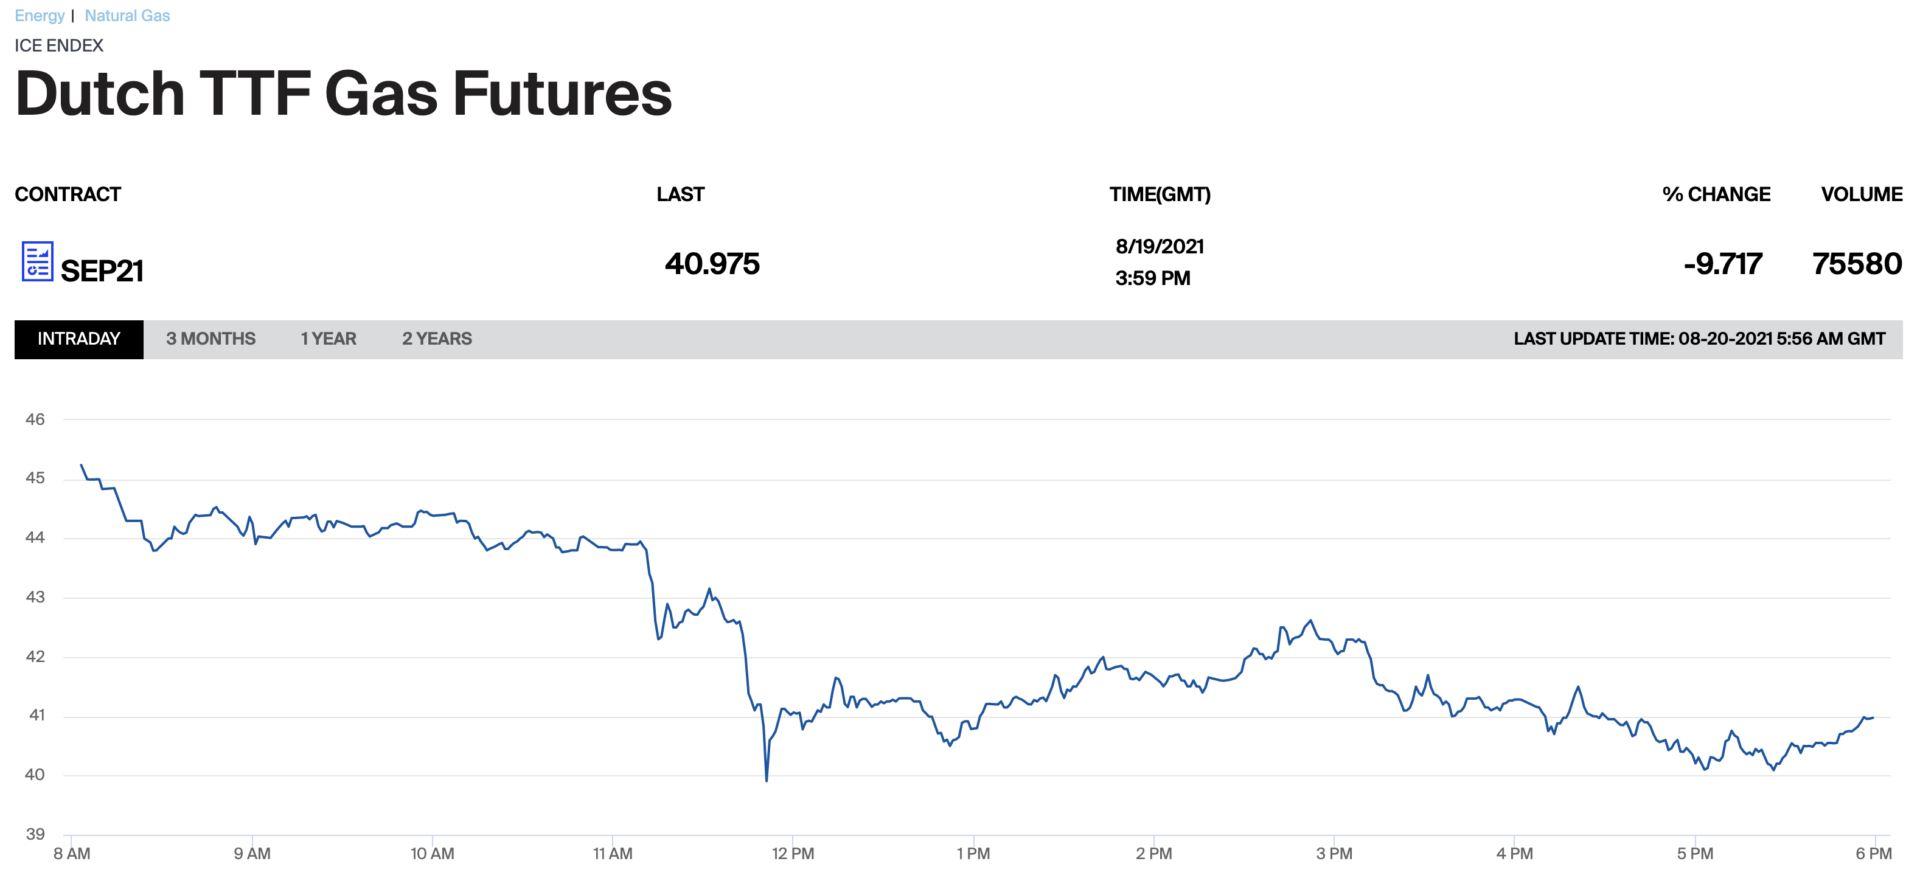 Al fin, una alegría en los mercados energéticos: desplome del precio del gas y del CO2 que arrastran a los futuros de la electricidad